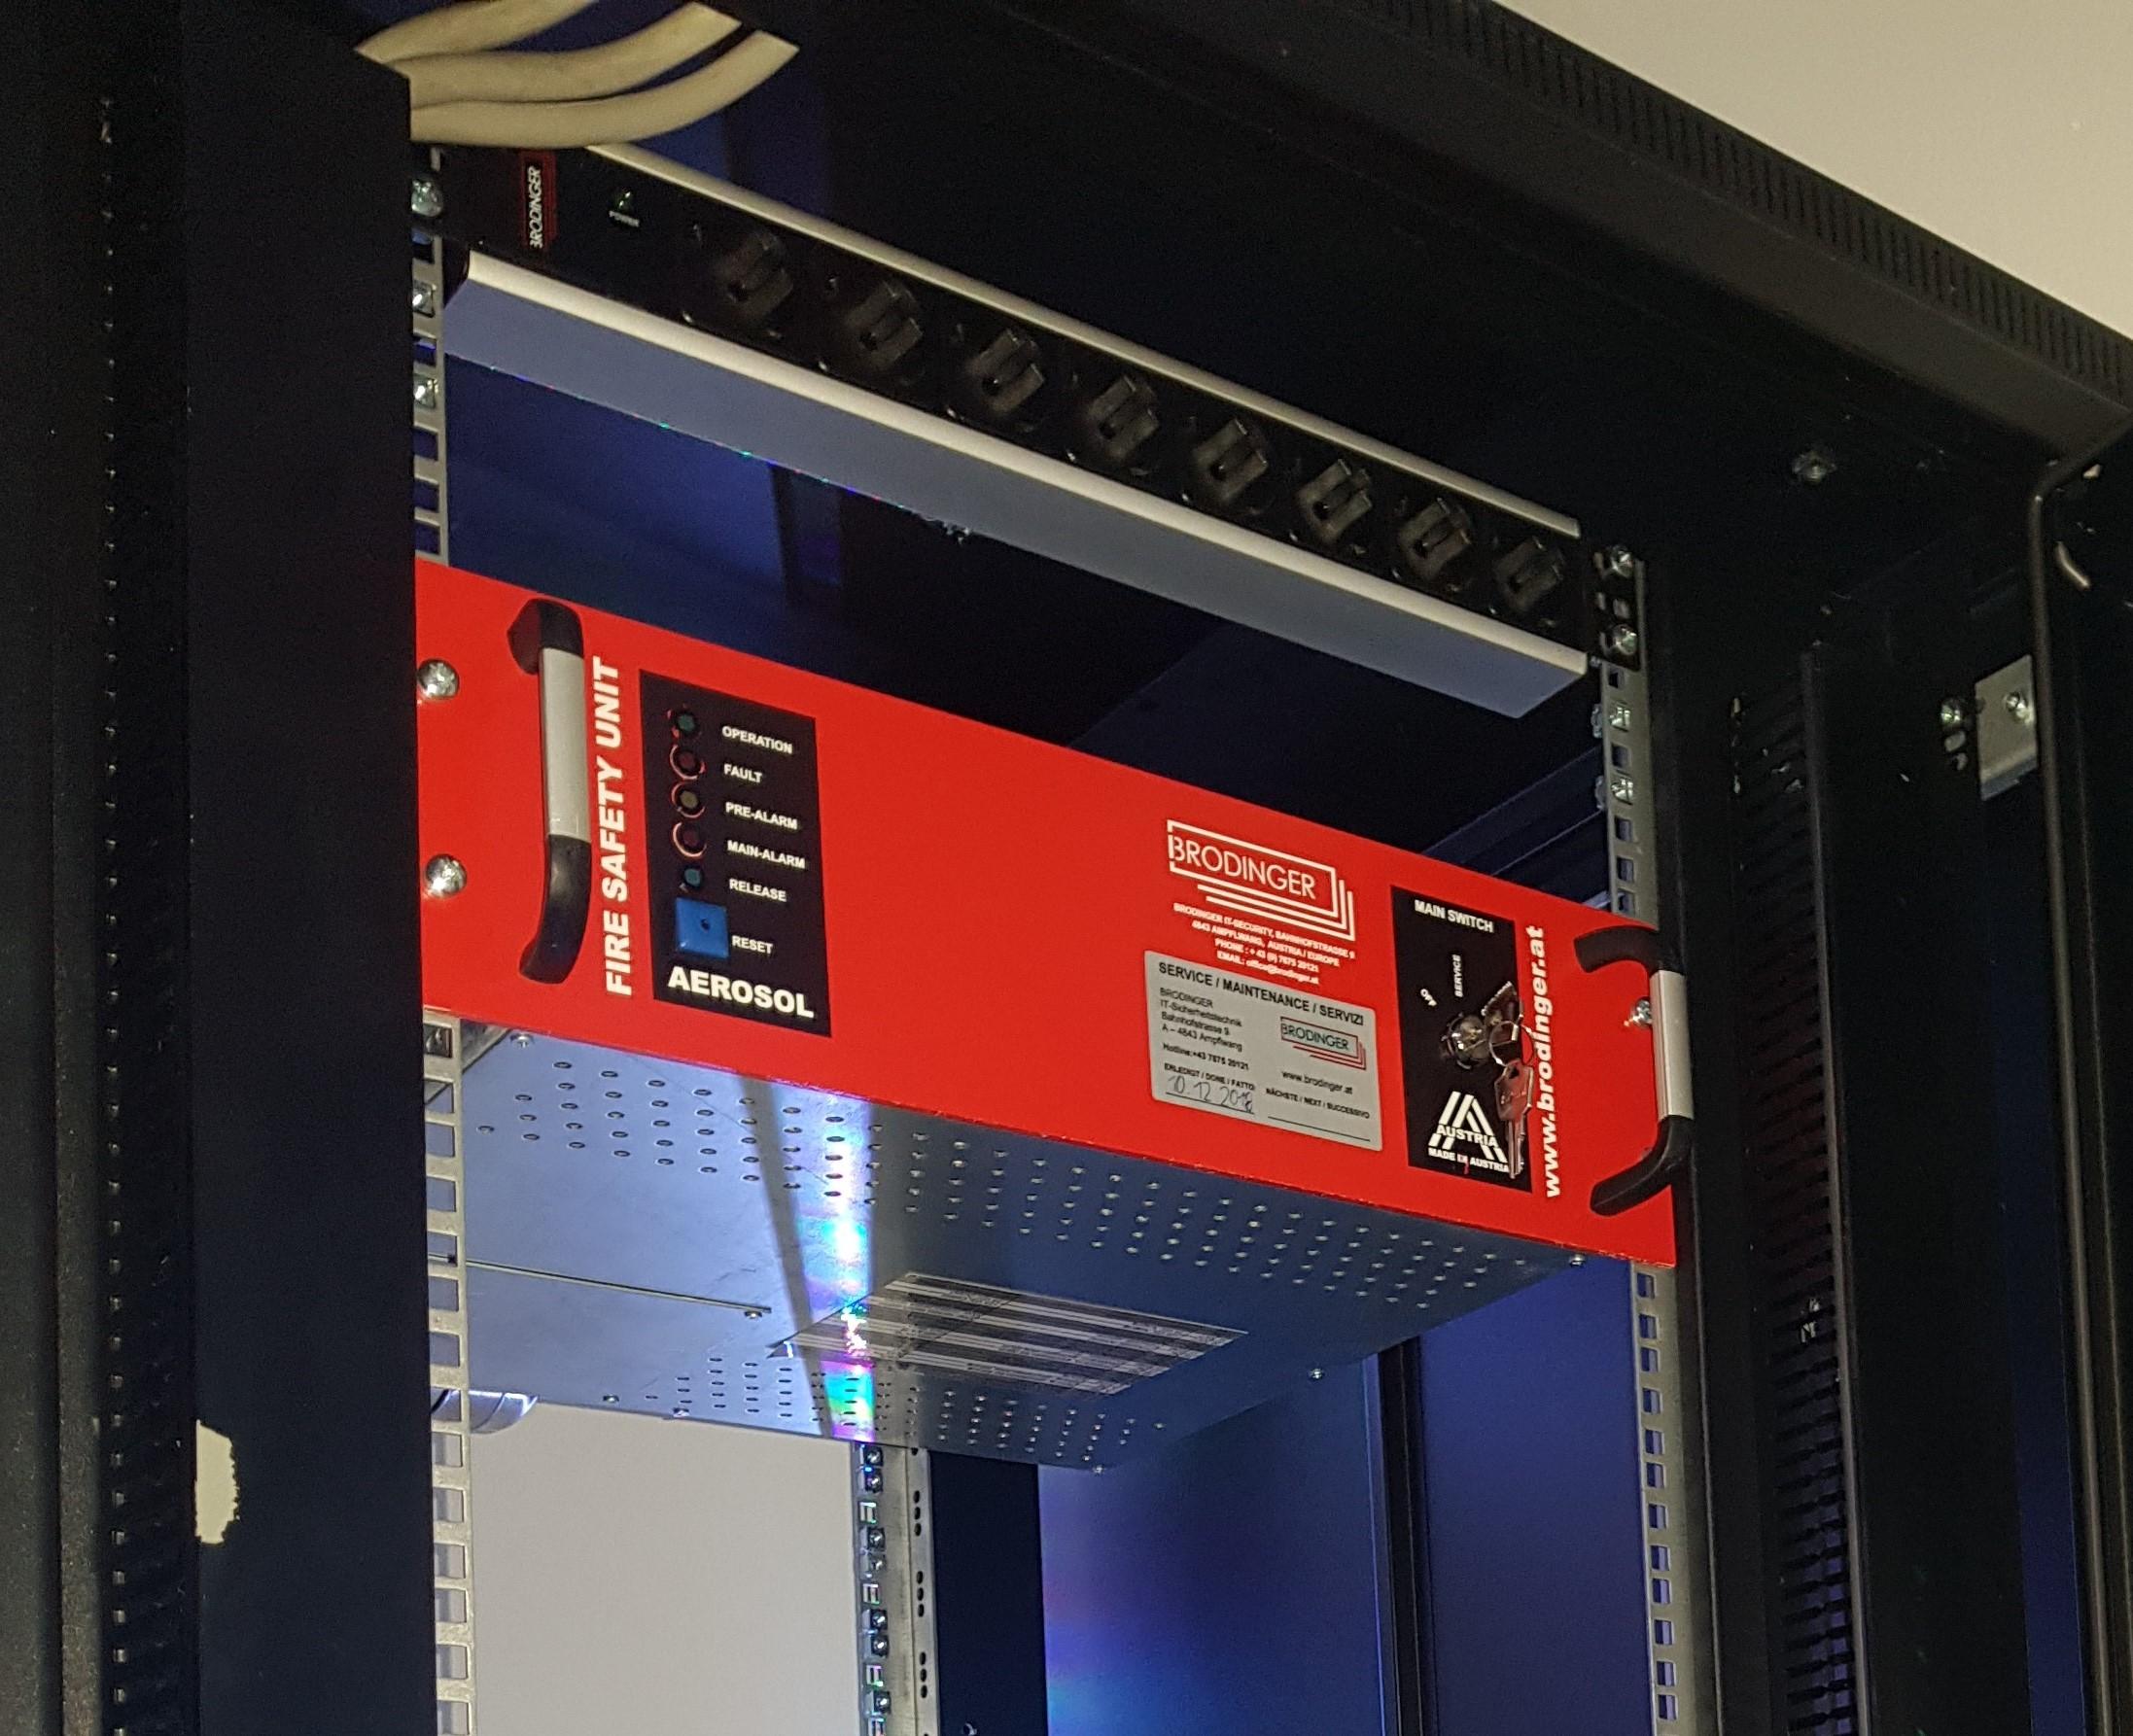 24HE IT-Sicherheitsschrank